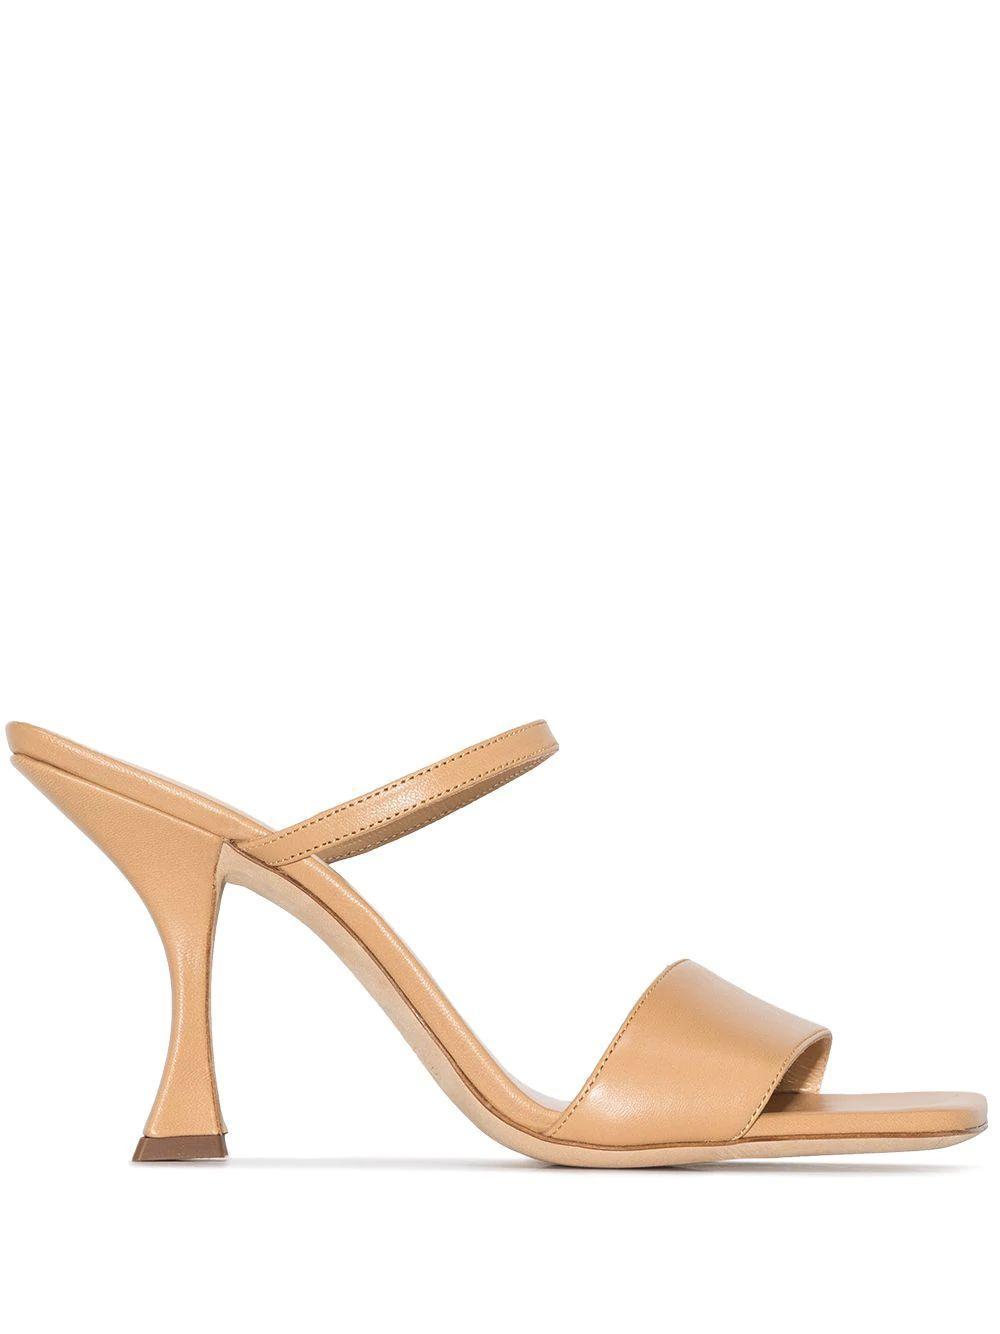 Nayla Leather Sandal Item # 21CRNAYSNUL